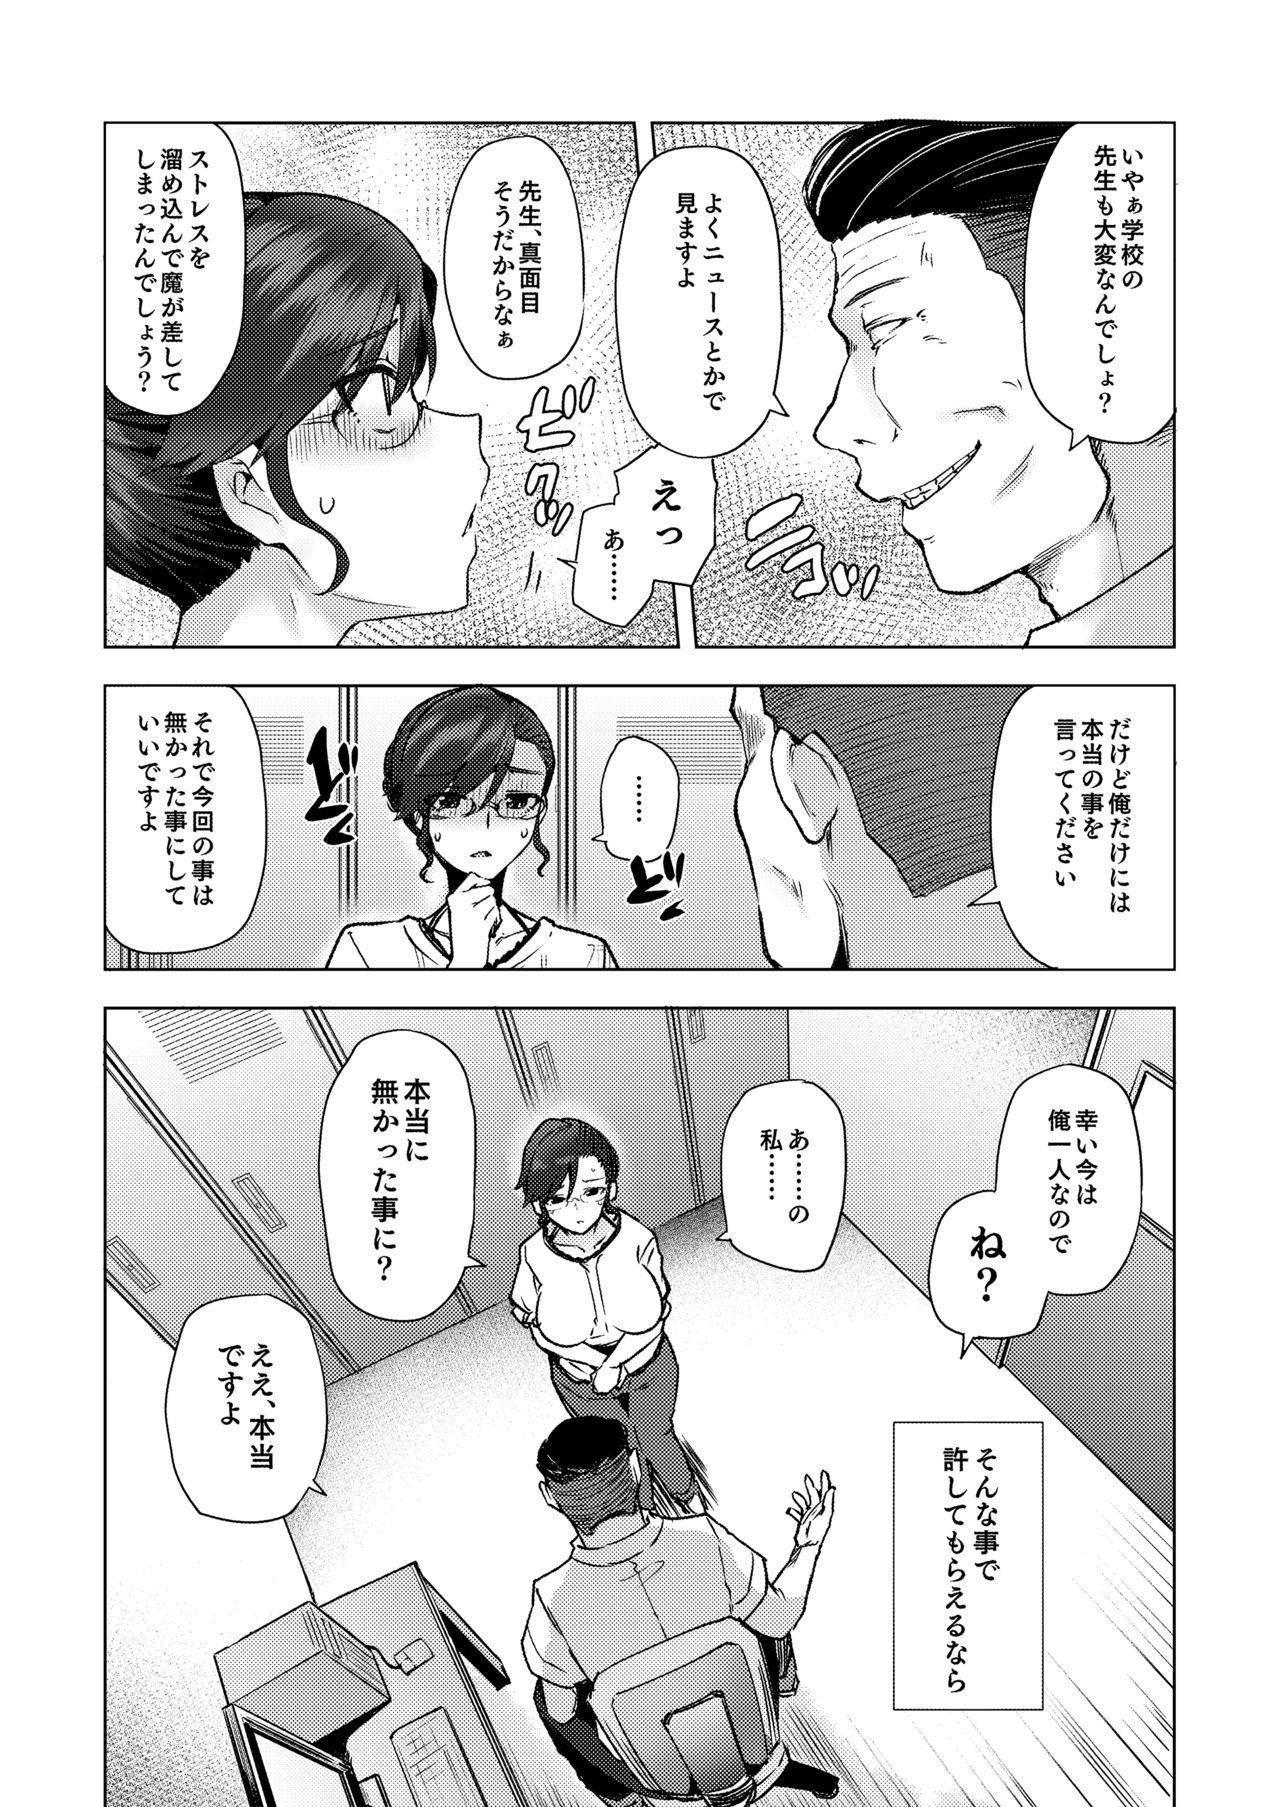 Watashi ga Manbiki o Shita Wake o Kiite Kudasai 2 7